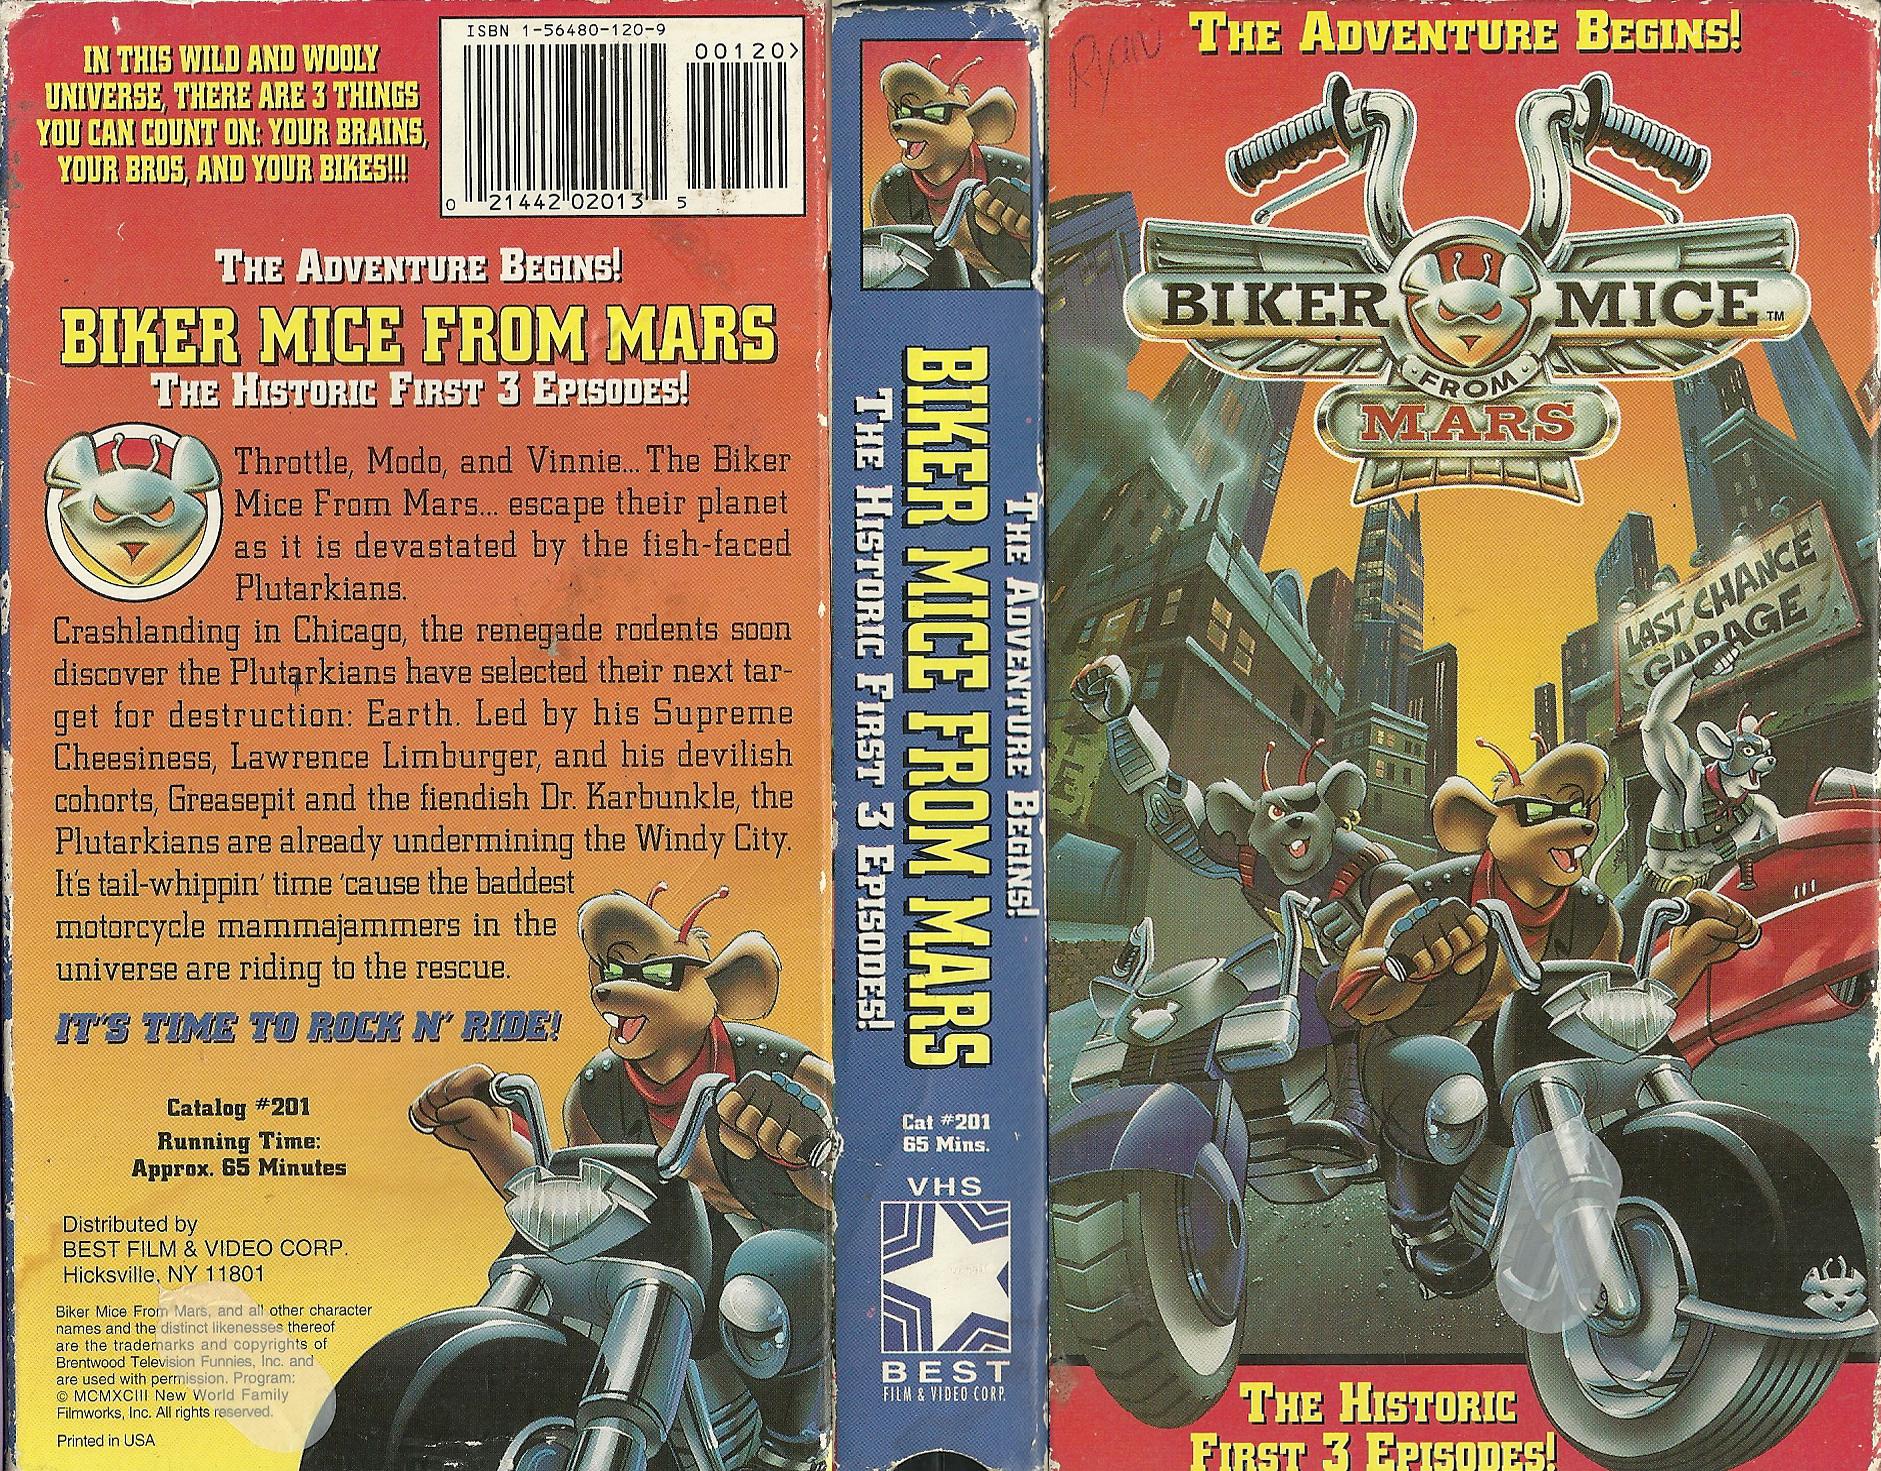 biker mice from mars movie - photo #7